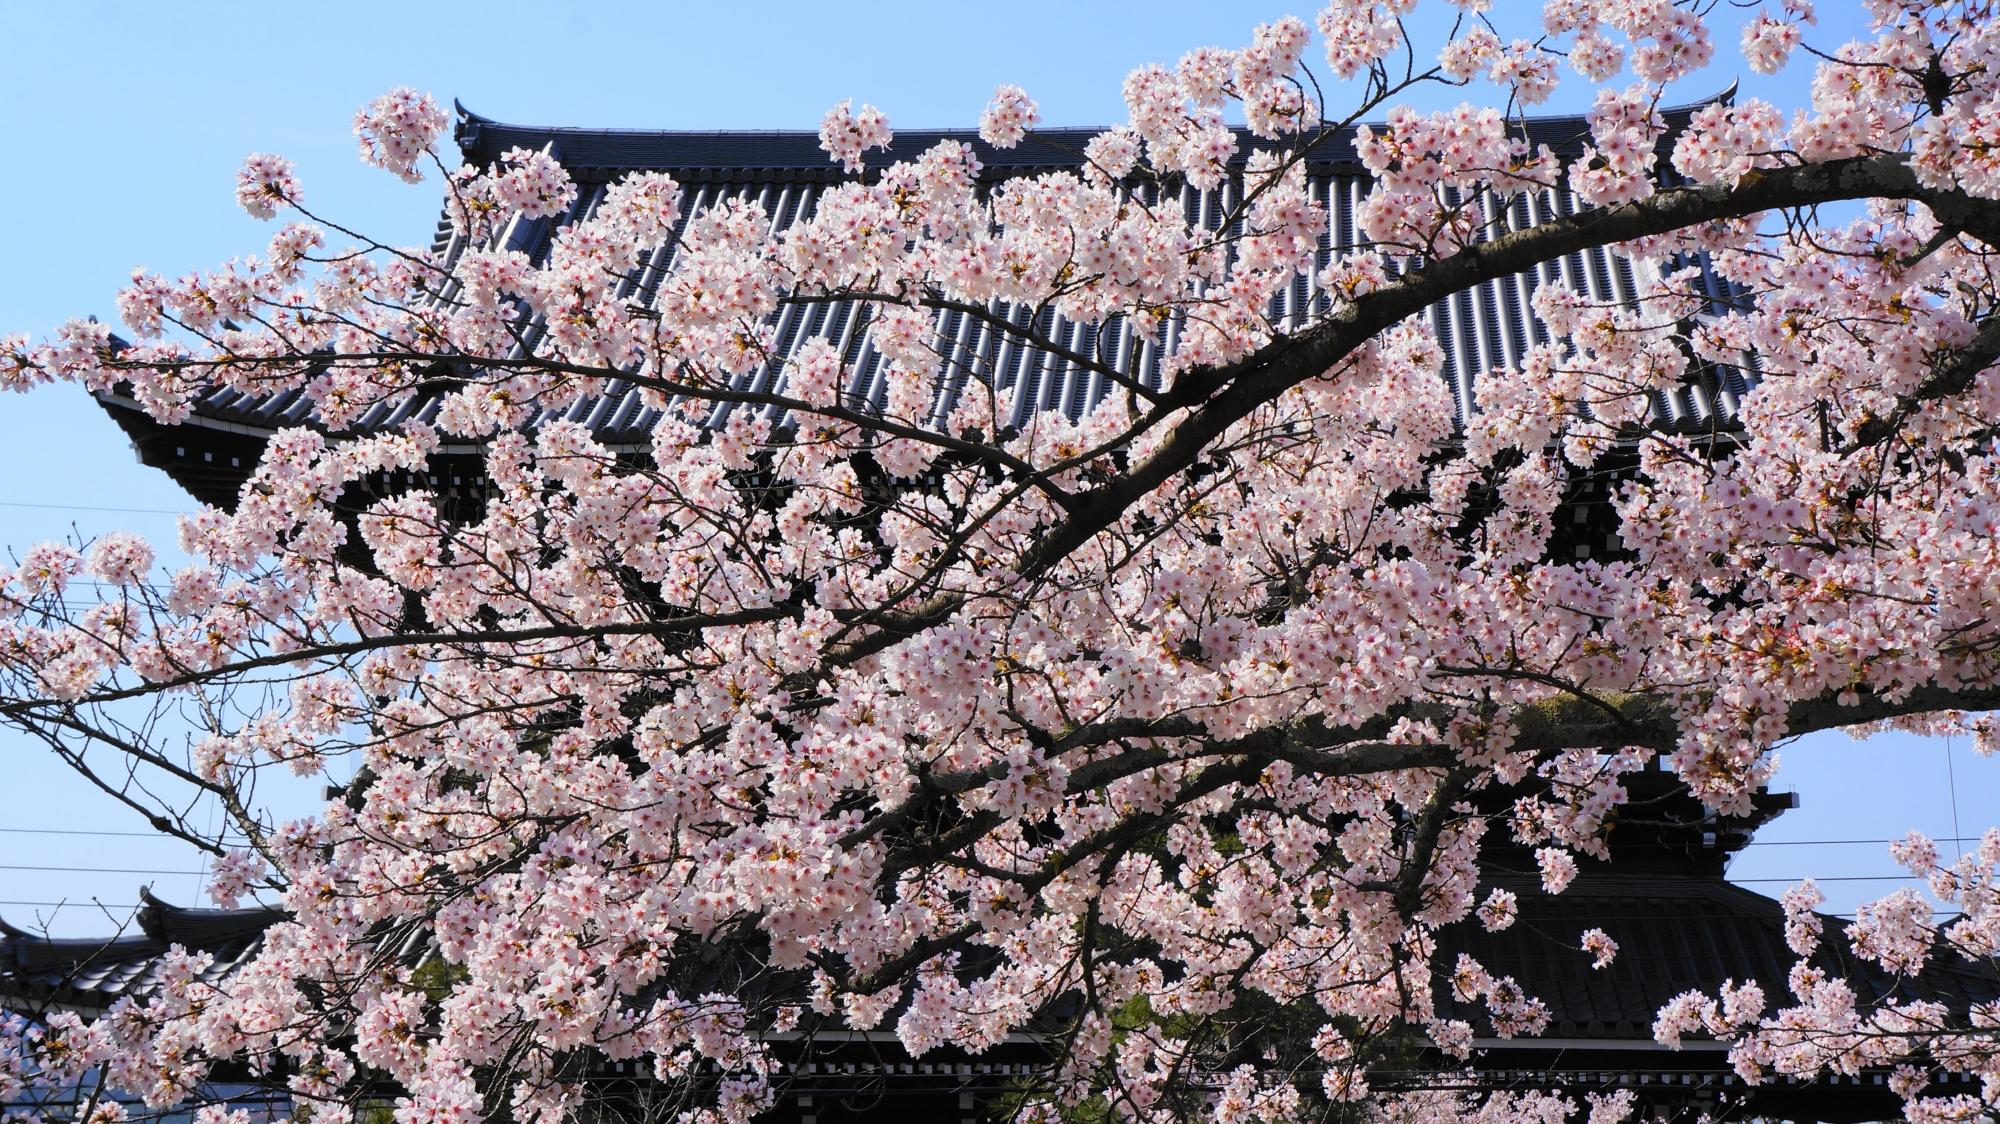 満開の桜につつまれた金戒光明寺の山門